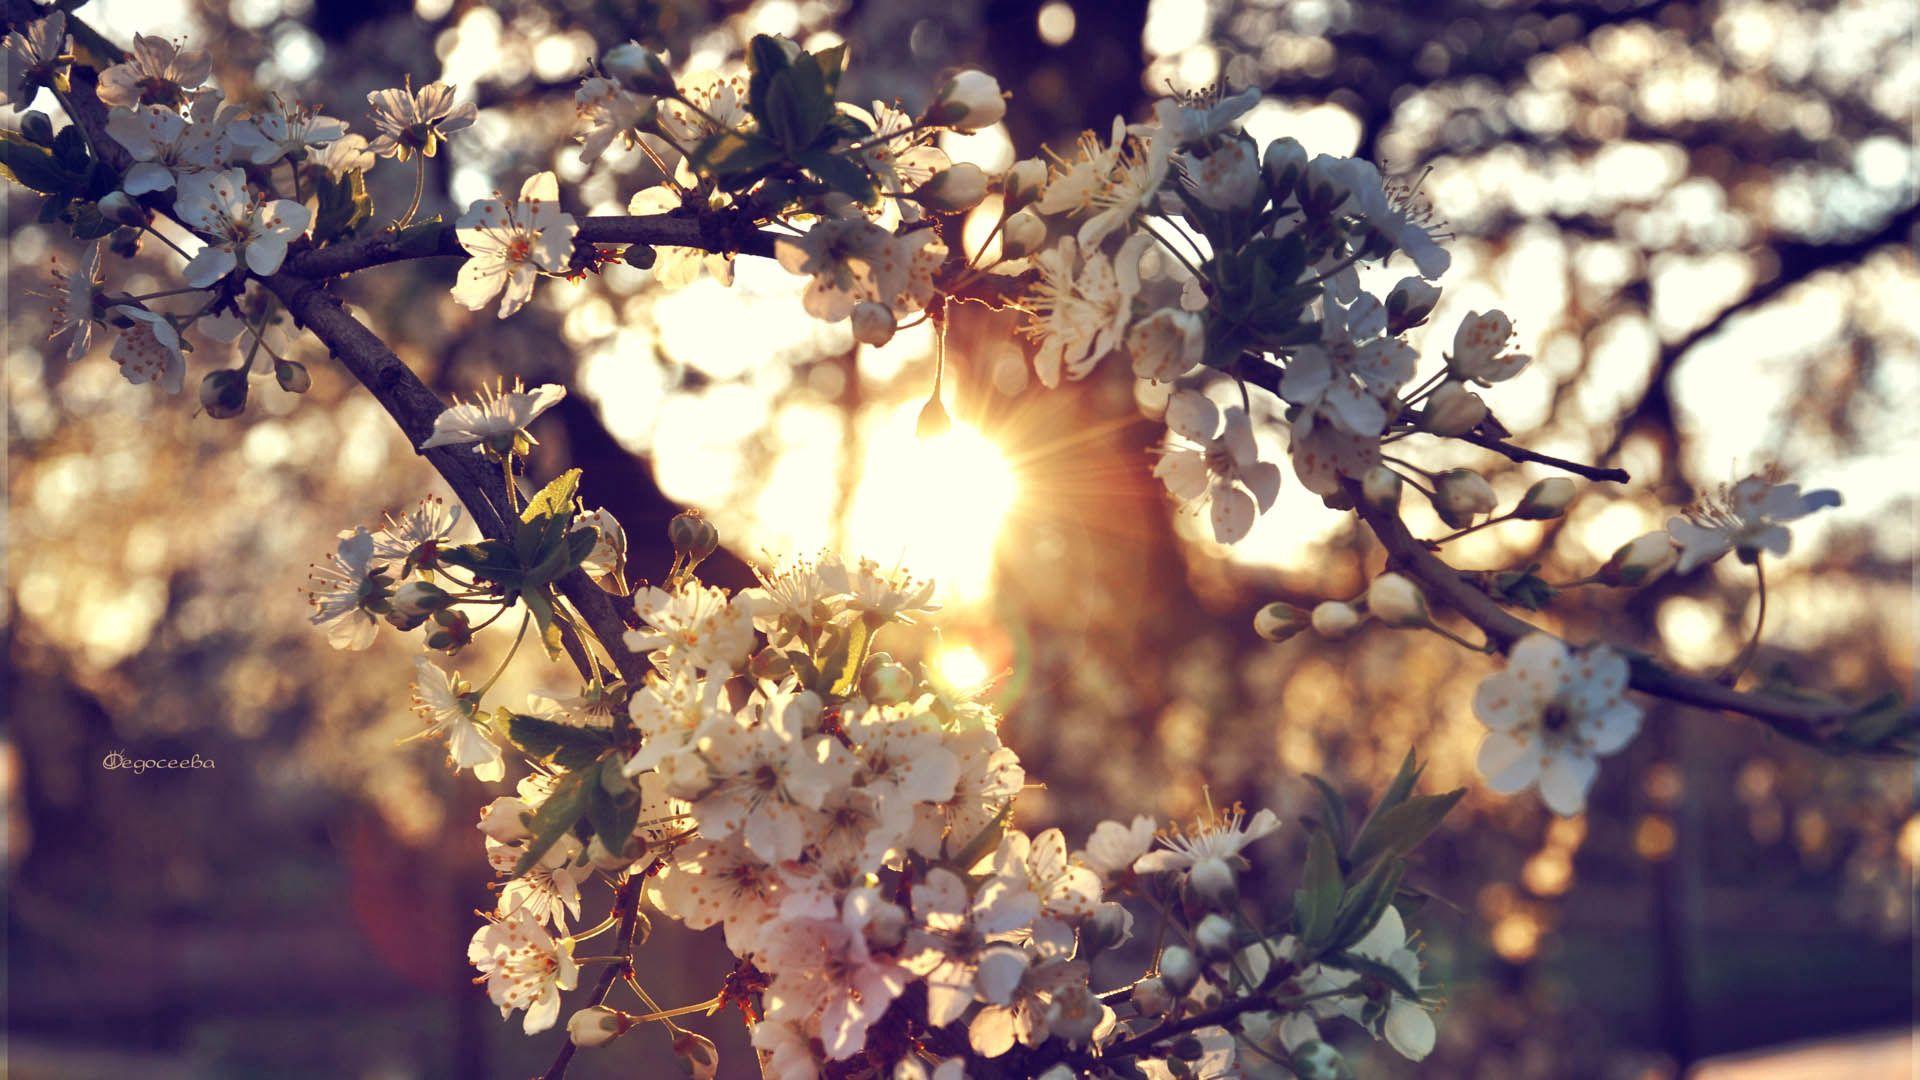 93118 Hintergrundbild herunterladen Blumen, Frühling, Ast, Zweig - Bildschirmschoner und Bilder kostenlos